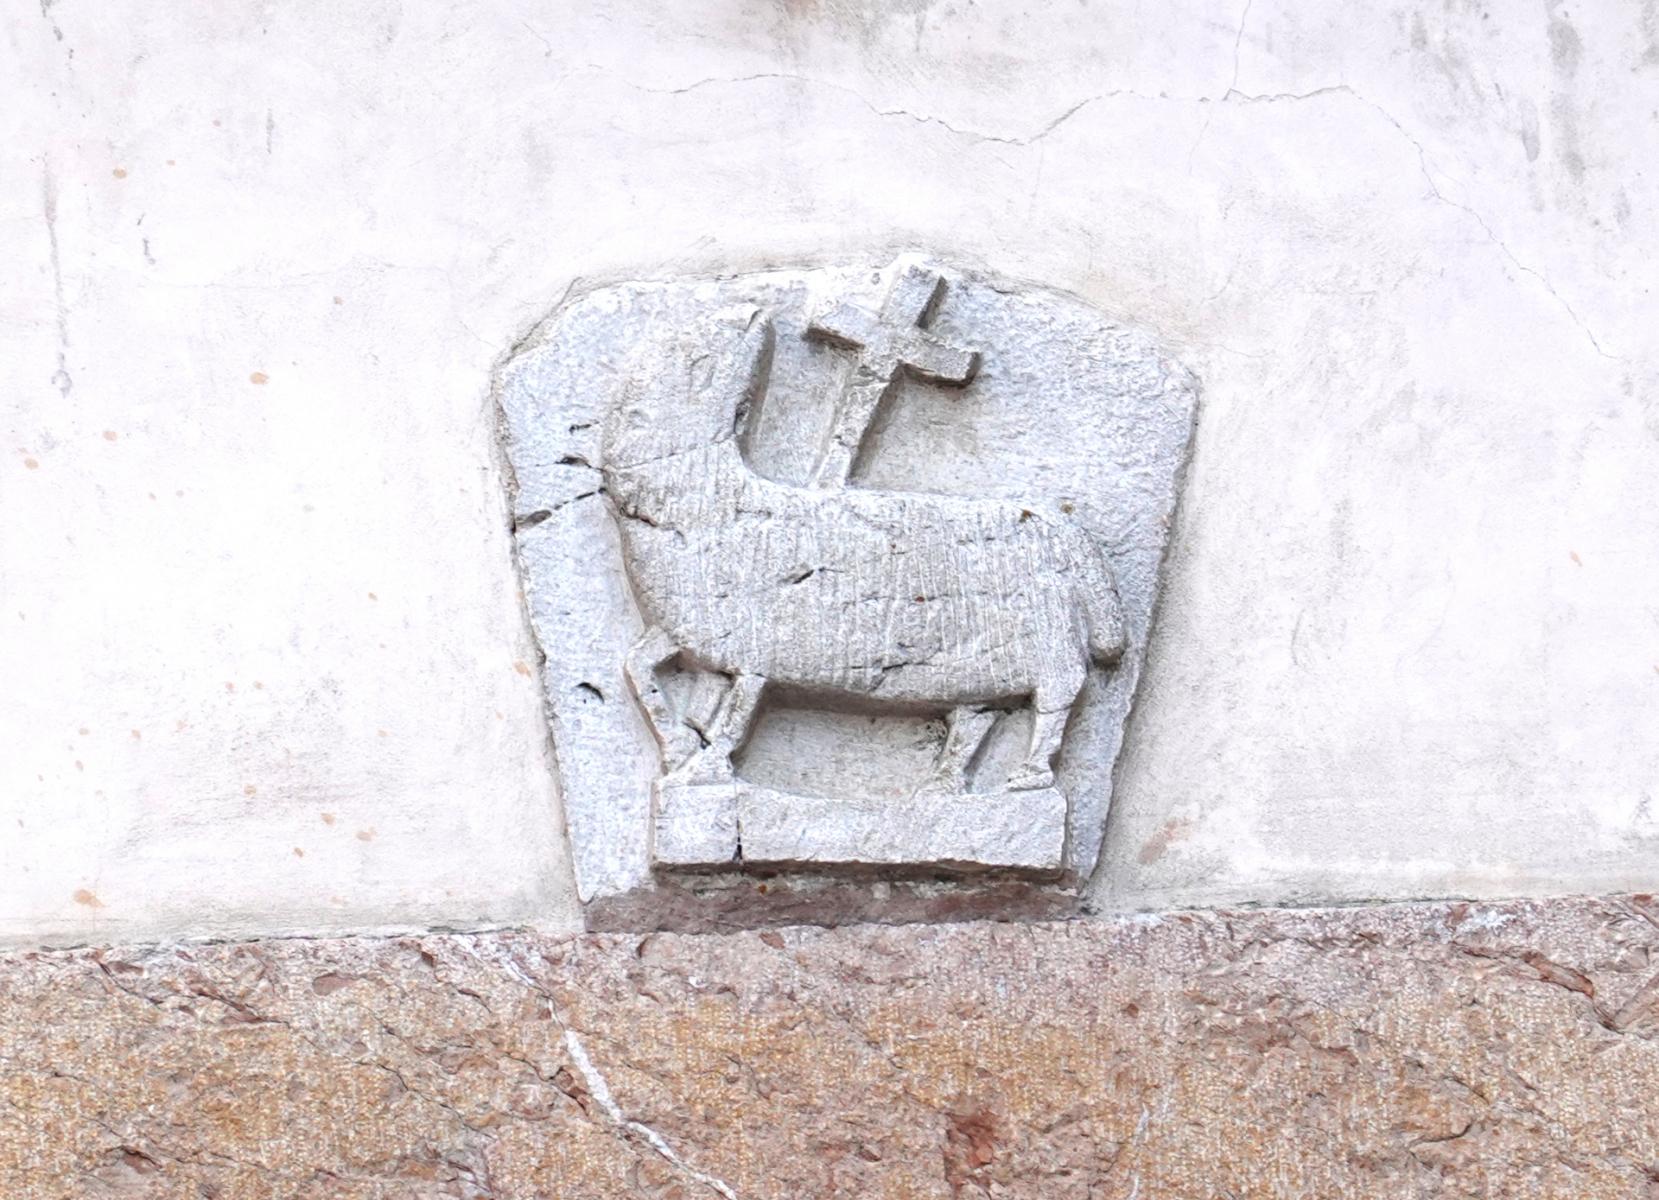 Chiesa di Sant'Anatolia - Agnello crucifero - Sant'Anatolia di Narco